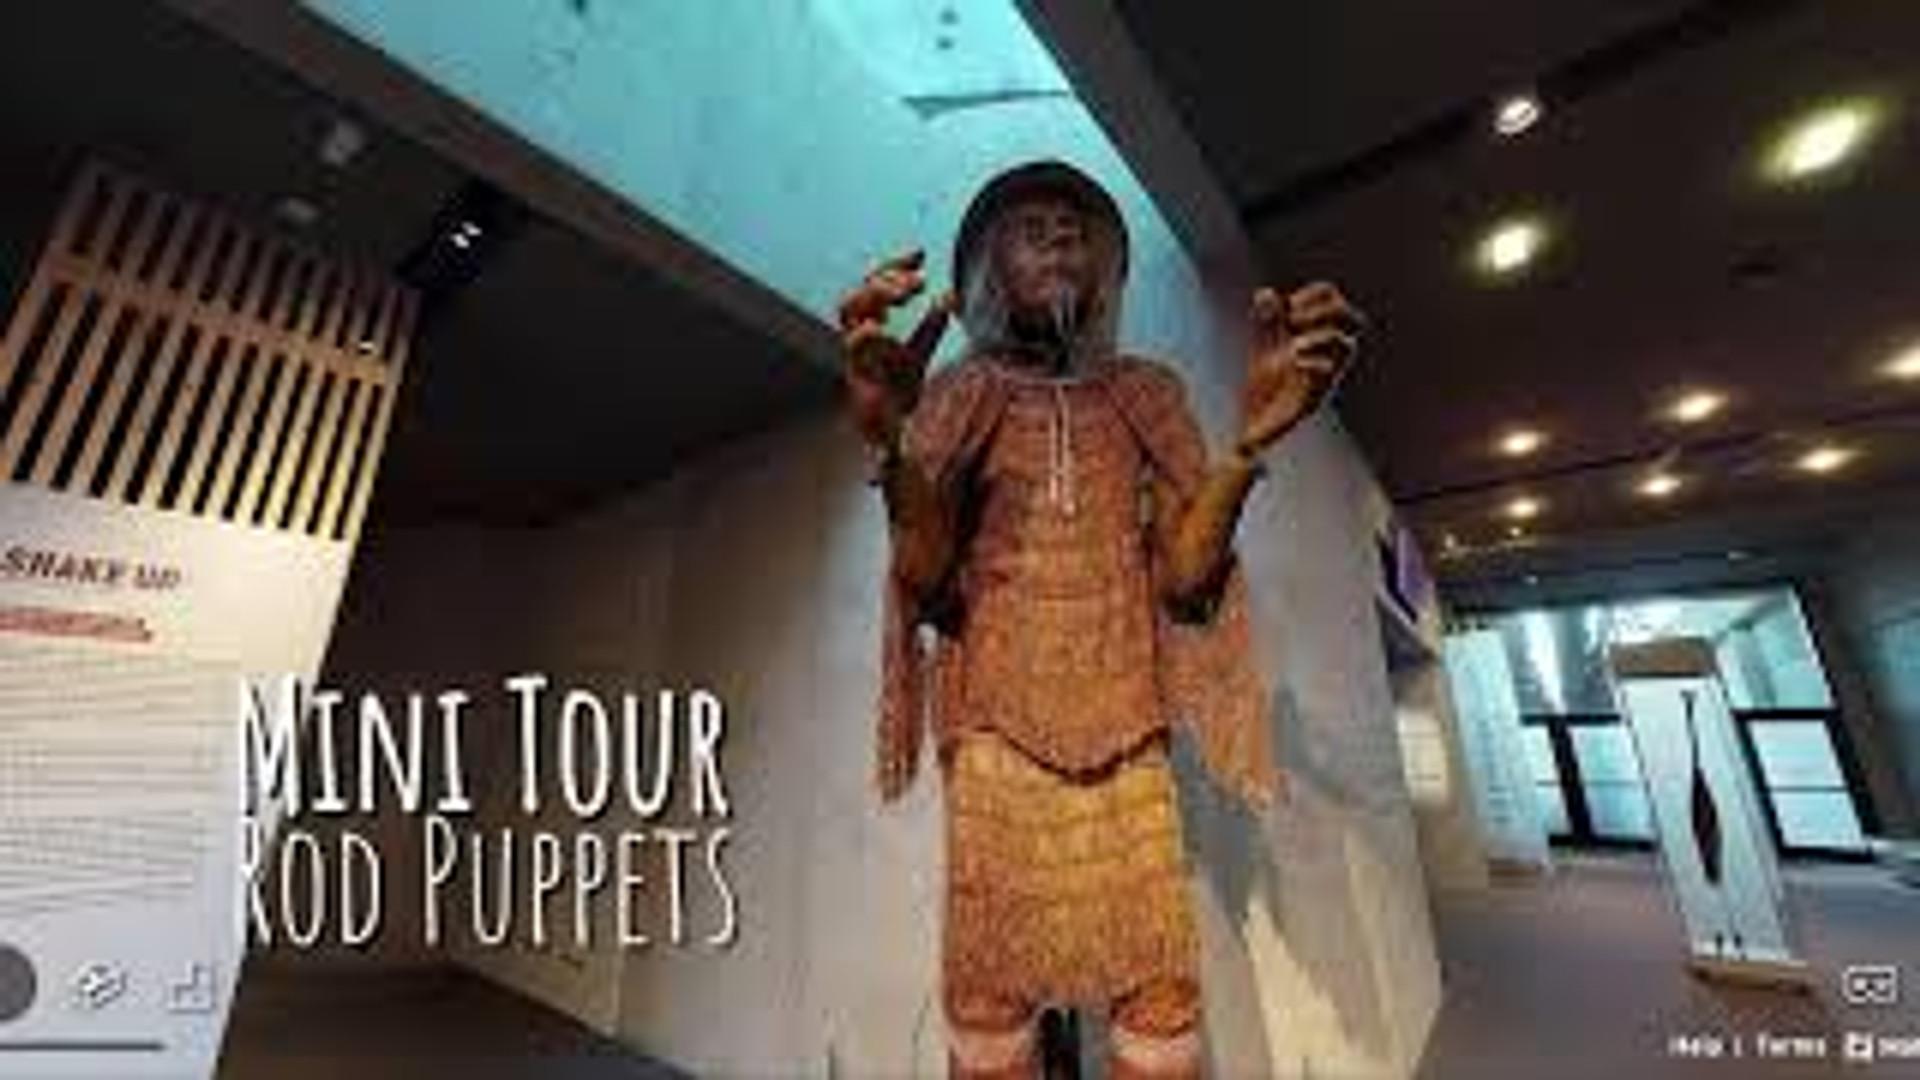 Rod Puppet Mini Tour